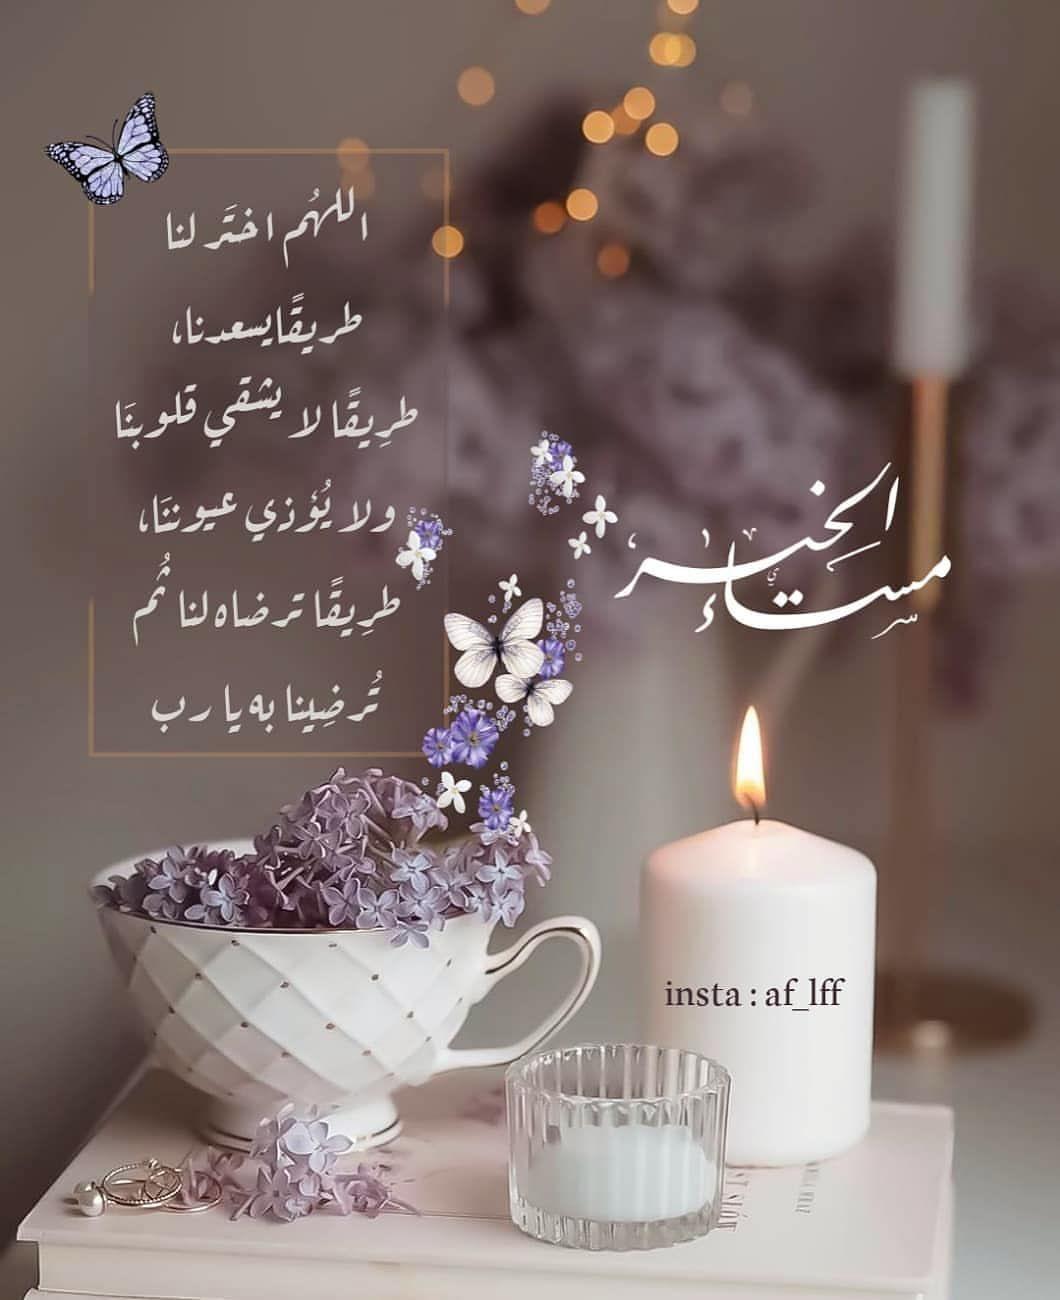 صبح و مساء On Instagram مساء الخيرات والمسرات مساء الورد Good Evening Greetings Good Evening Wishes Good Morning Arabic